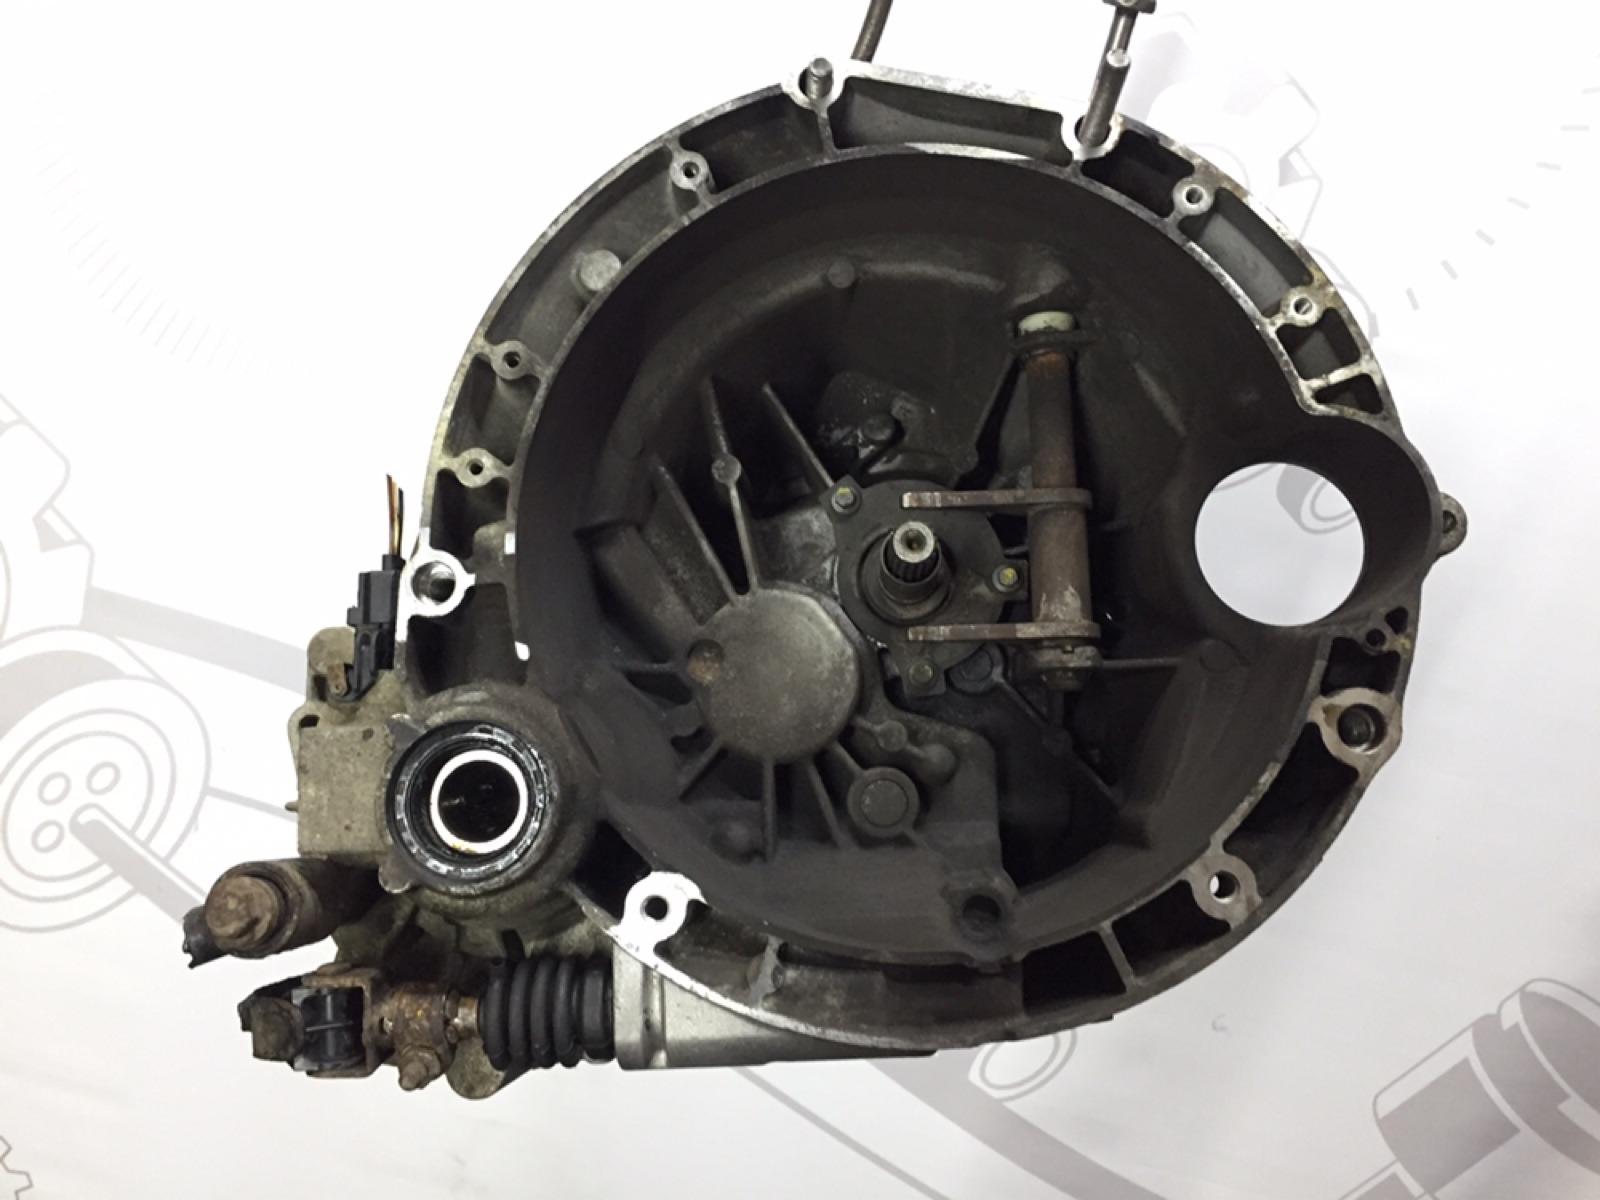 Кпп механическая (мкпп) Rover 25 1.4 I 2003 (б/у)